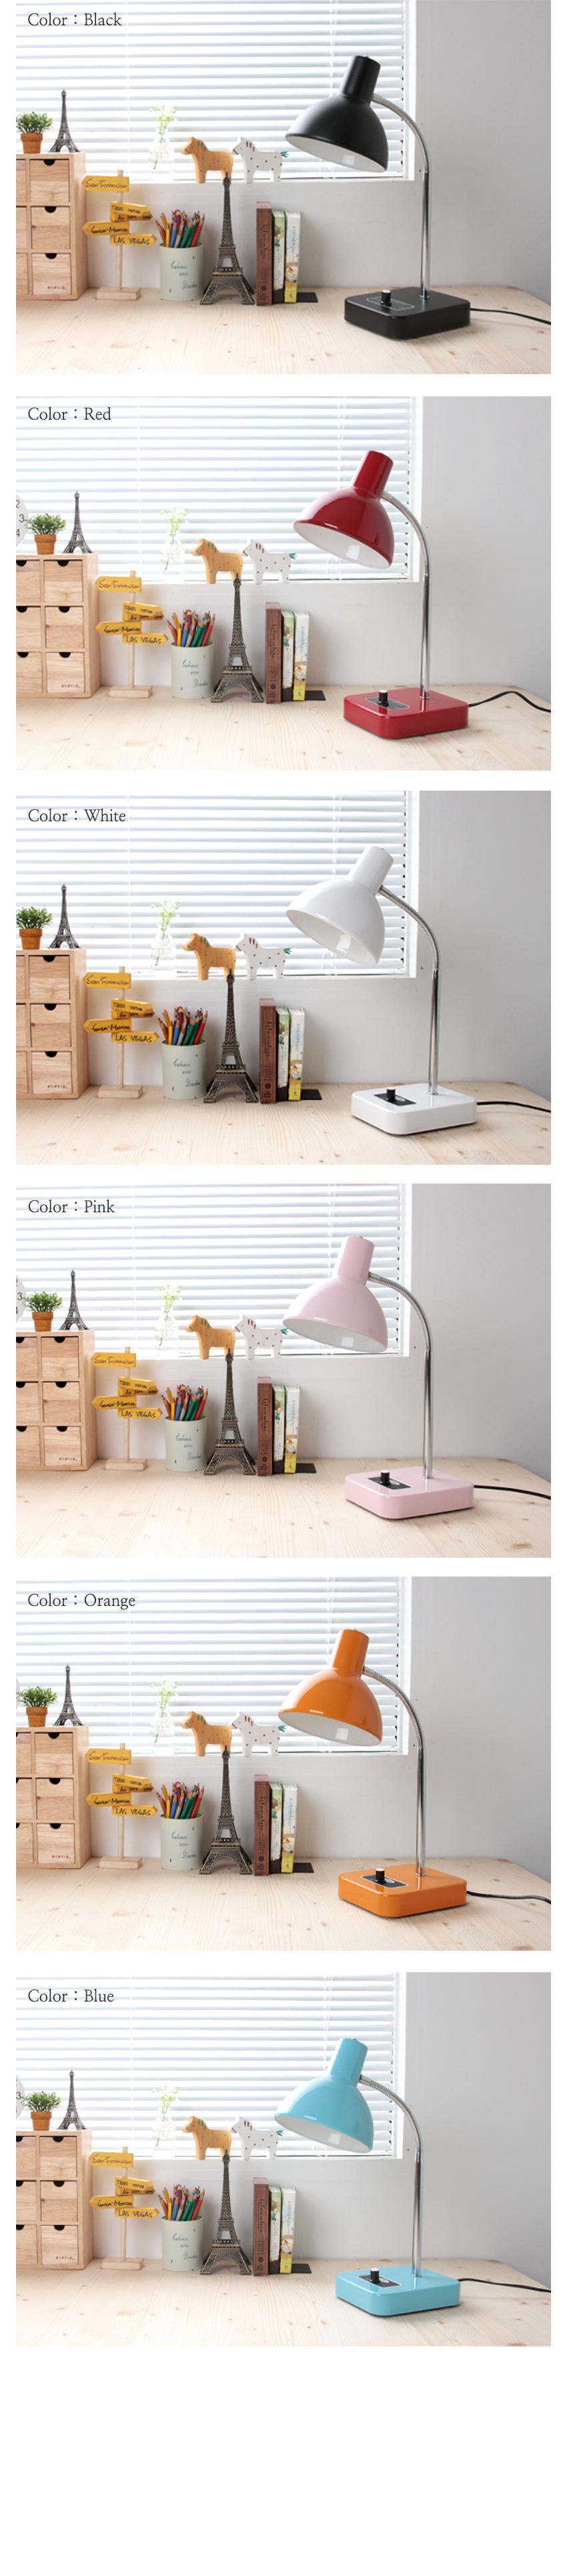 레트로 사각 스탠드(6color) - 인테홀릭, 31,840원, 리빙조명, 테이블조명